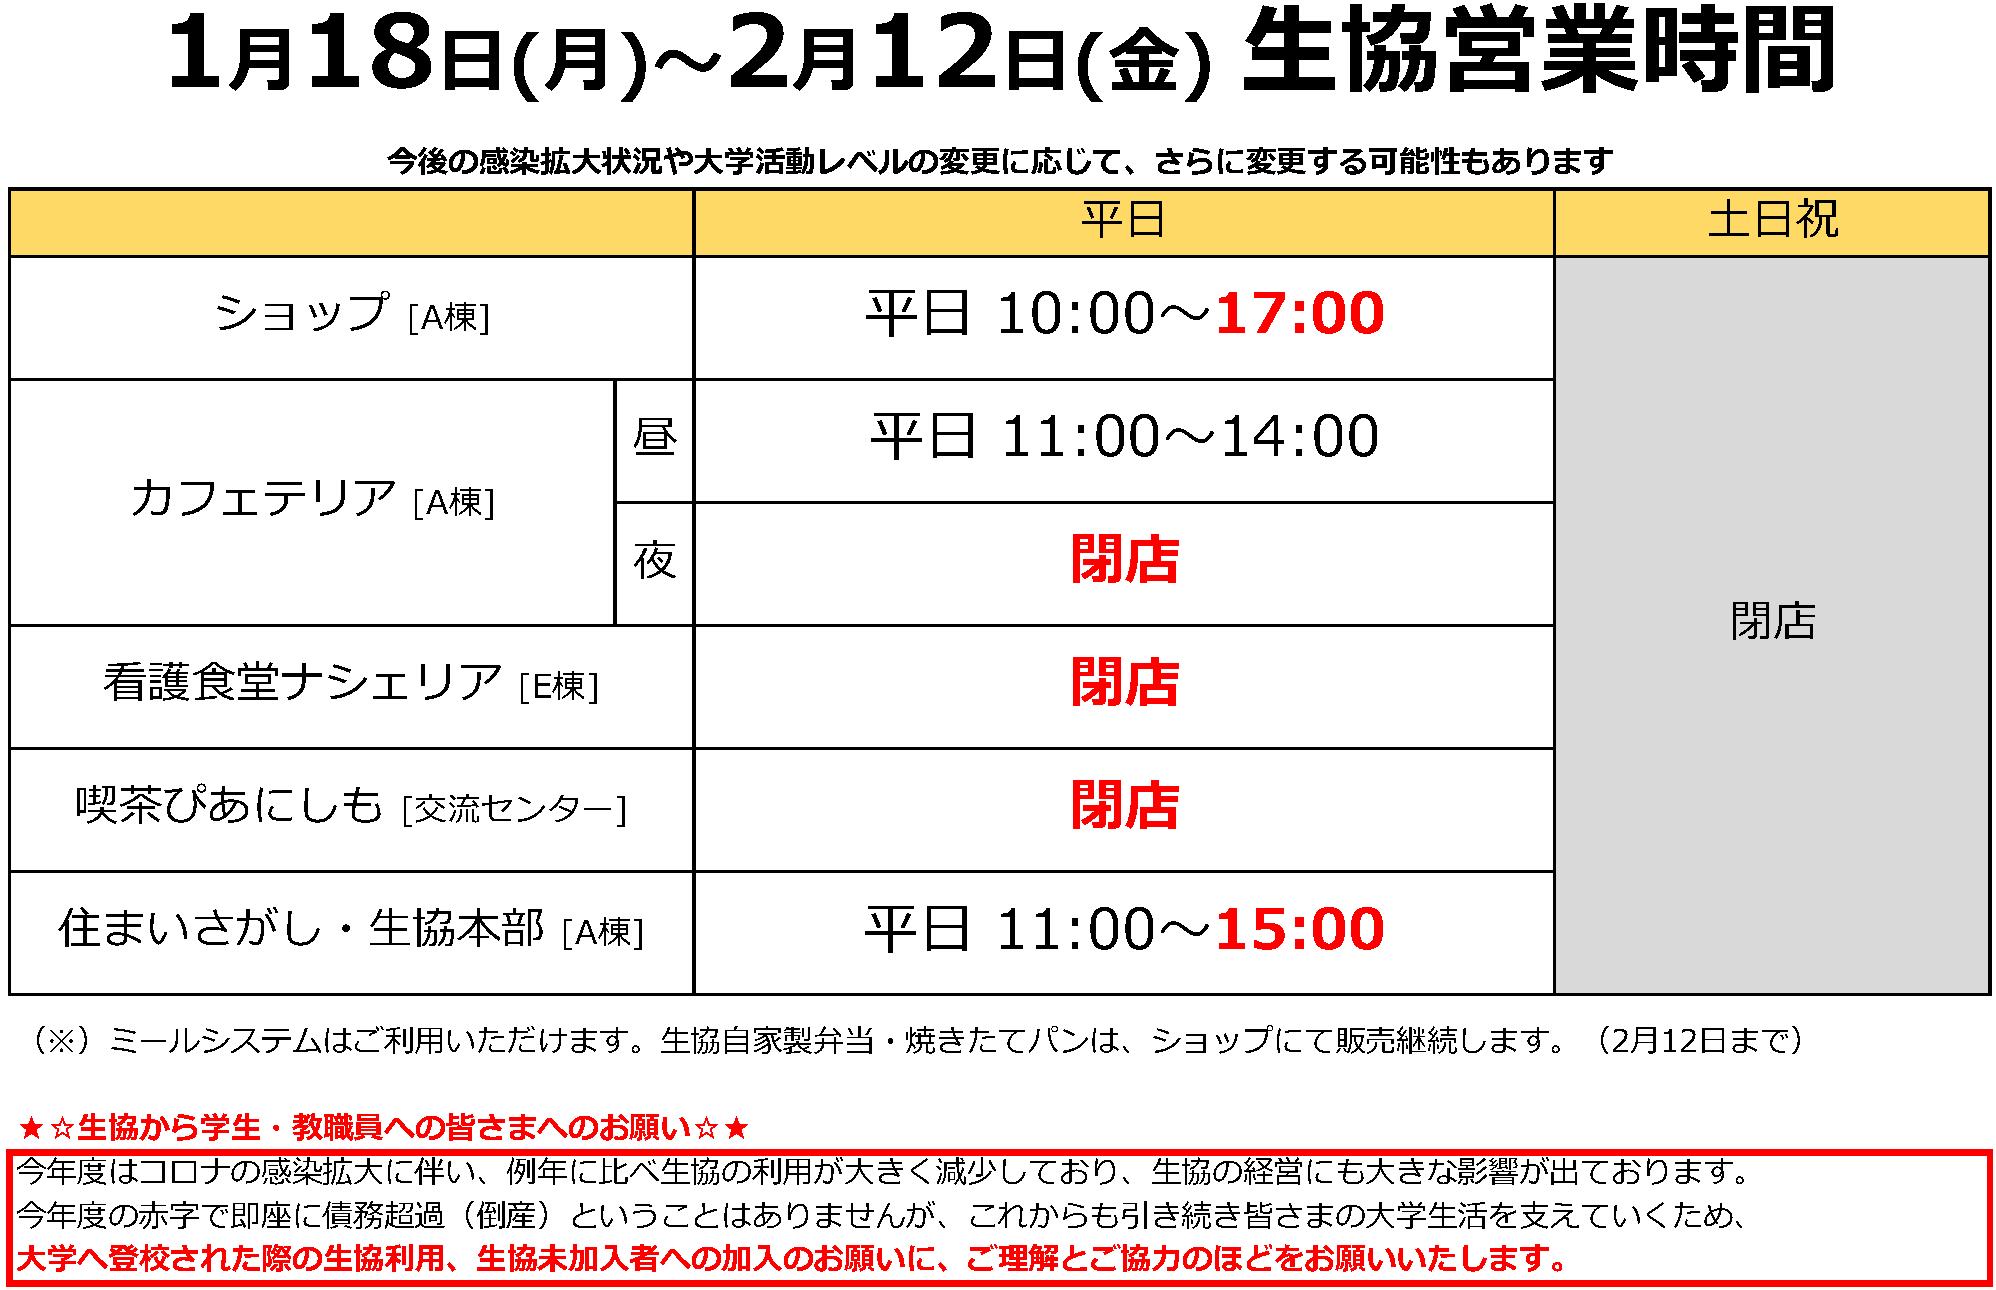 eigyo202101-2.png